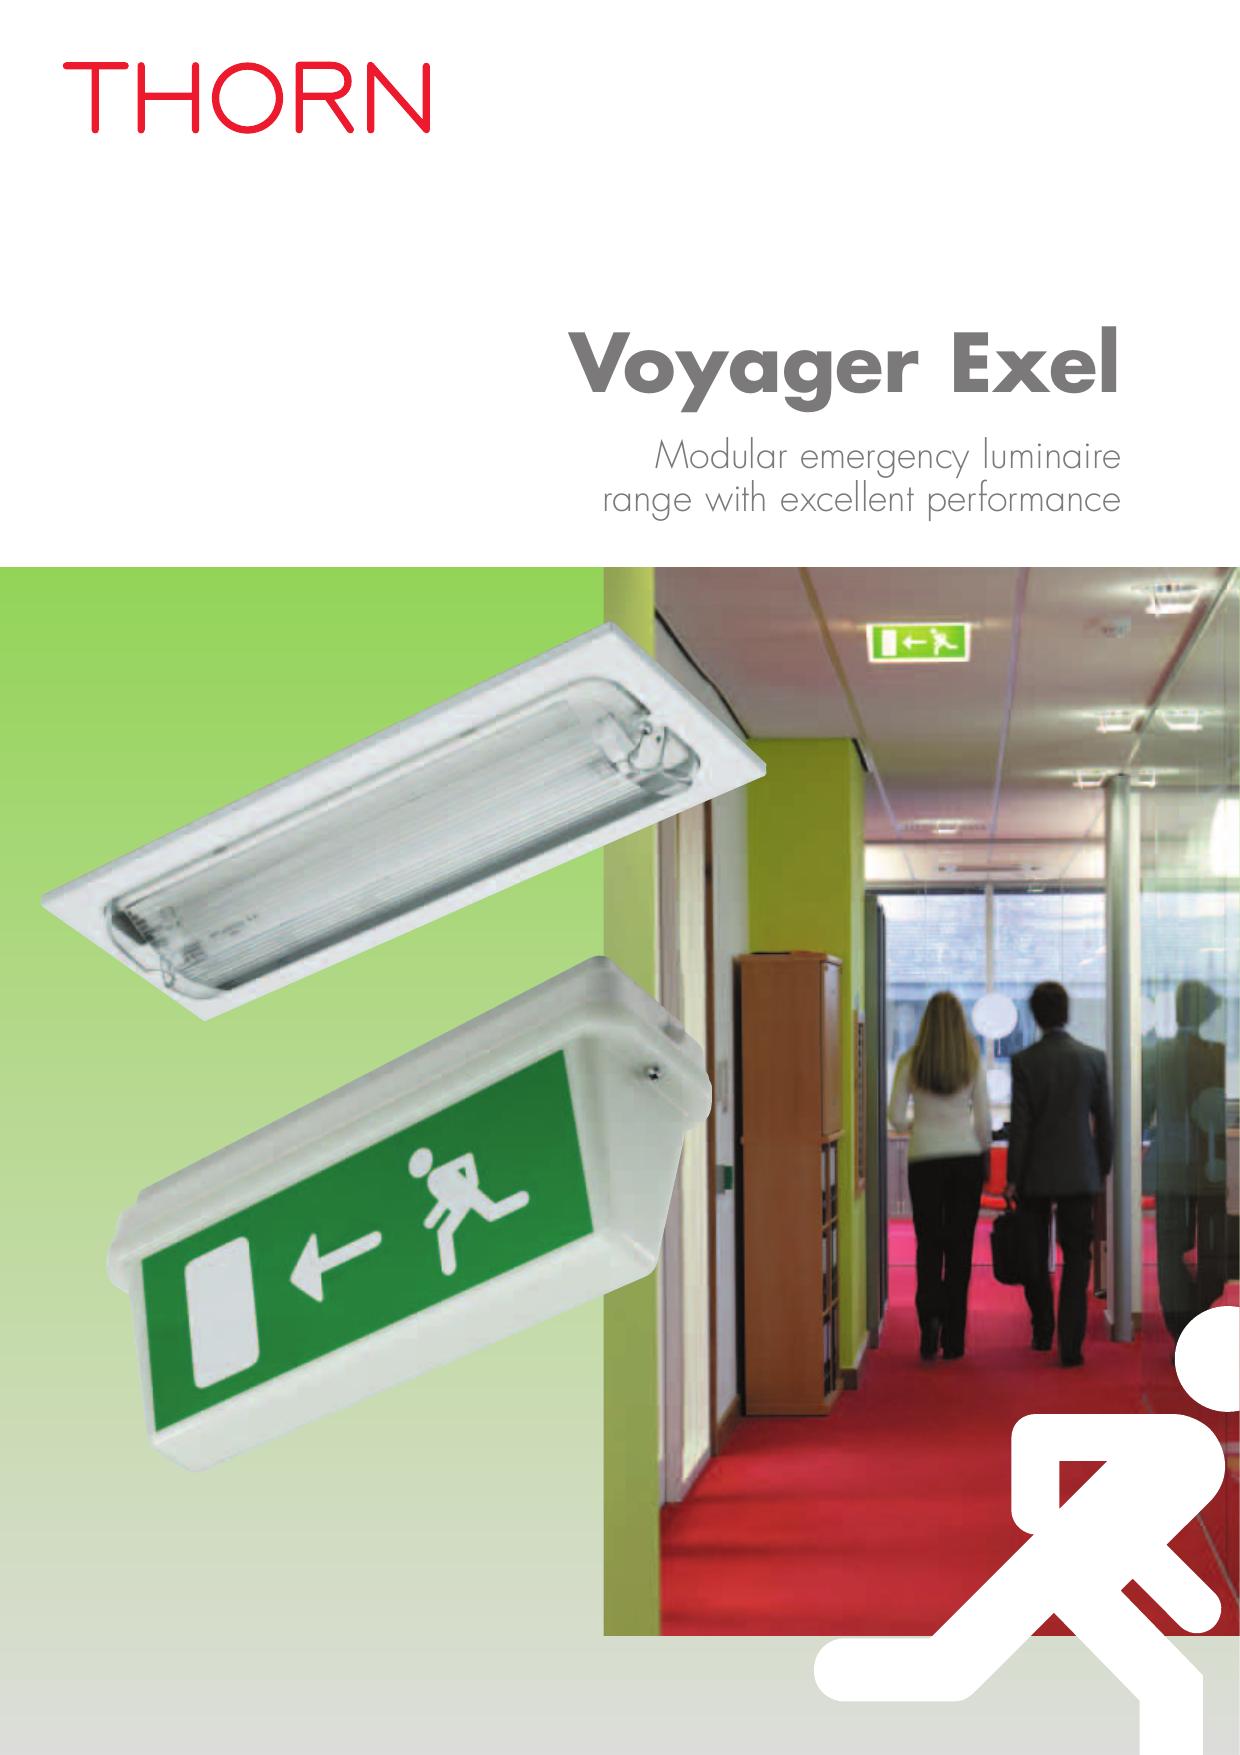 Voyager Exel Thorn Lighting Manualzz